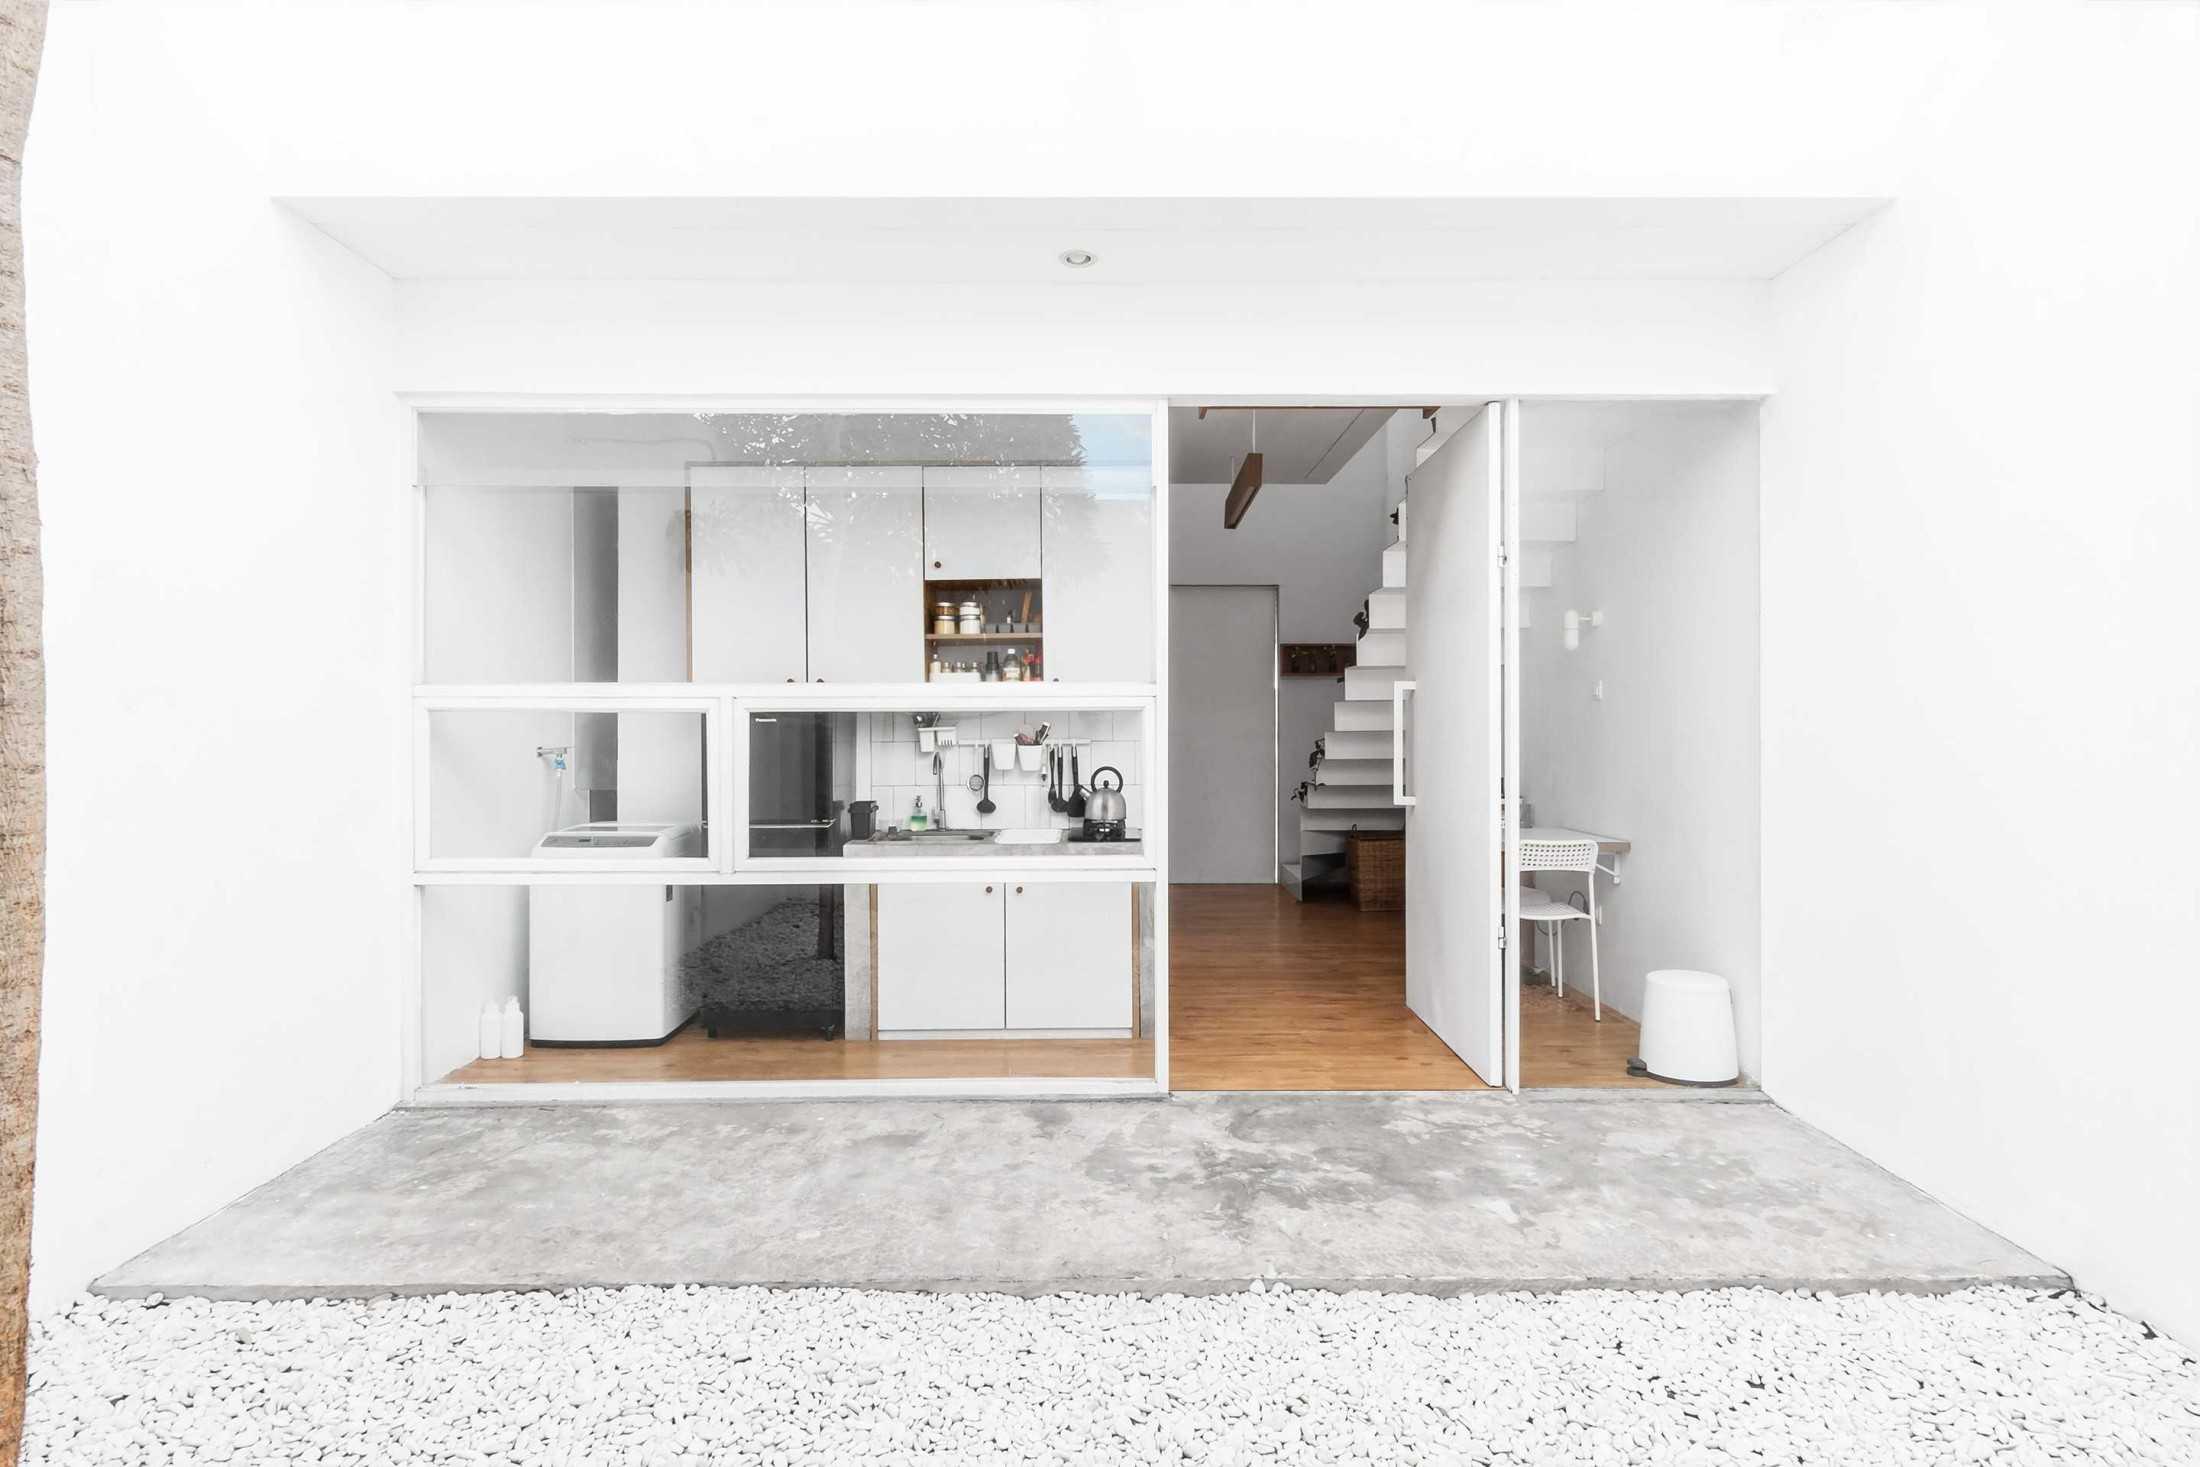 Rumah Minimalis Mungil yang Bertumbuh dengan Terencana (Sumber: arsitag.com)